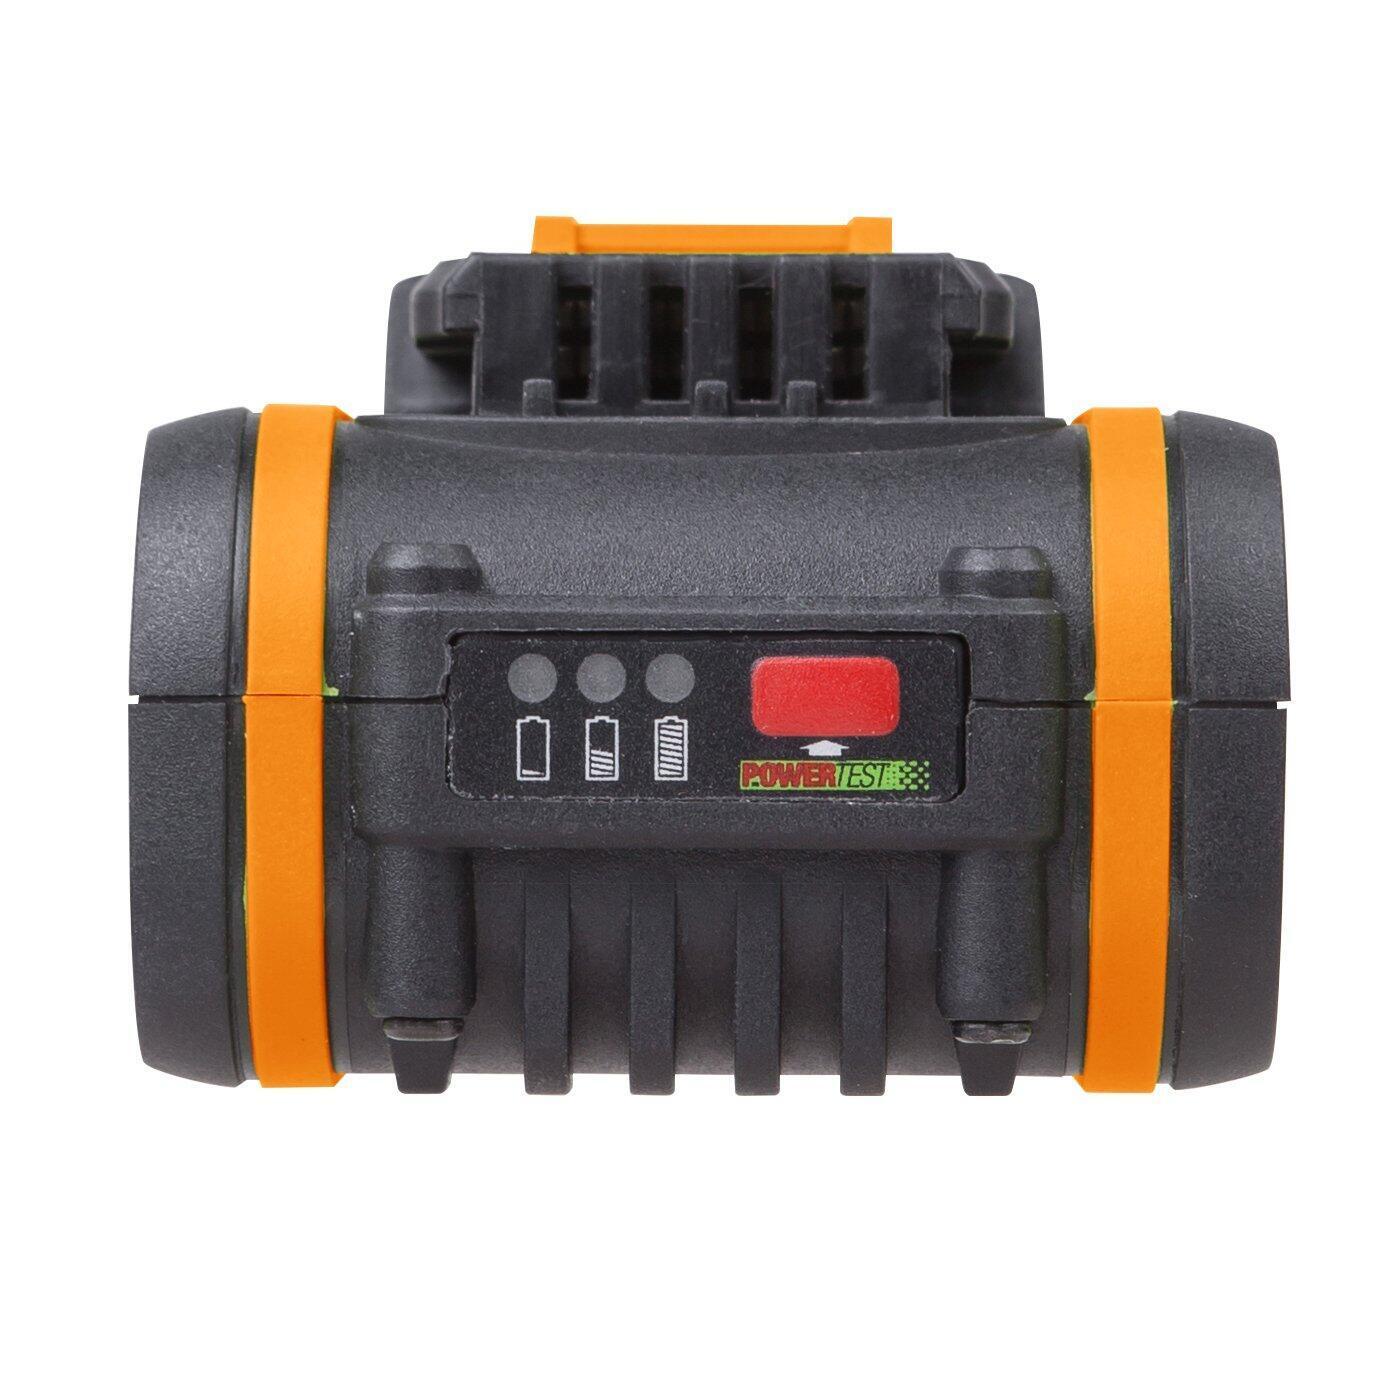 Batteria WORX in litio (li-ion) 20 V 4 Ah - 5